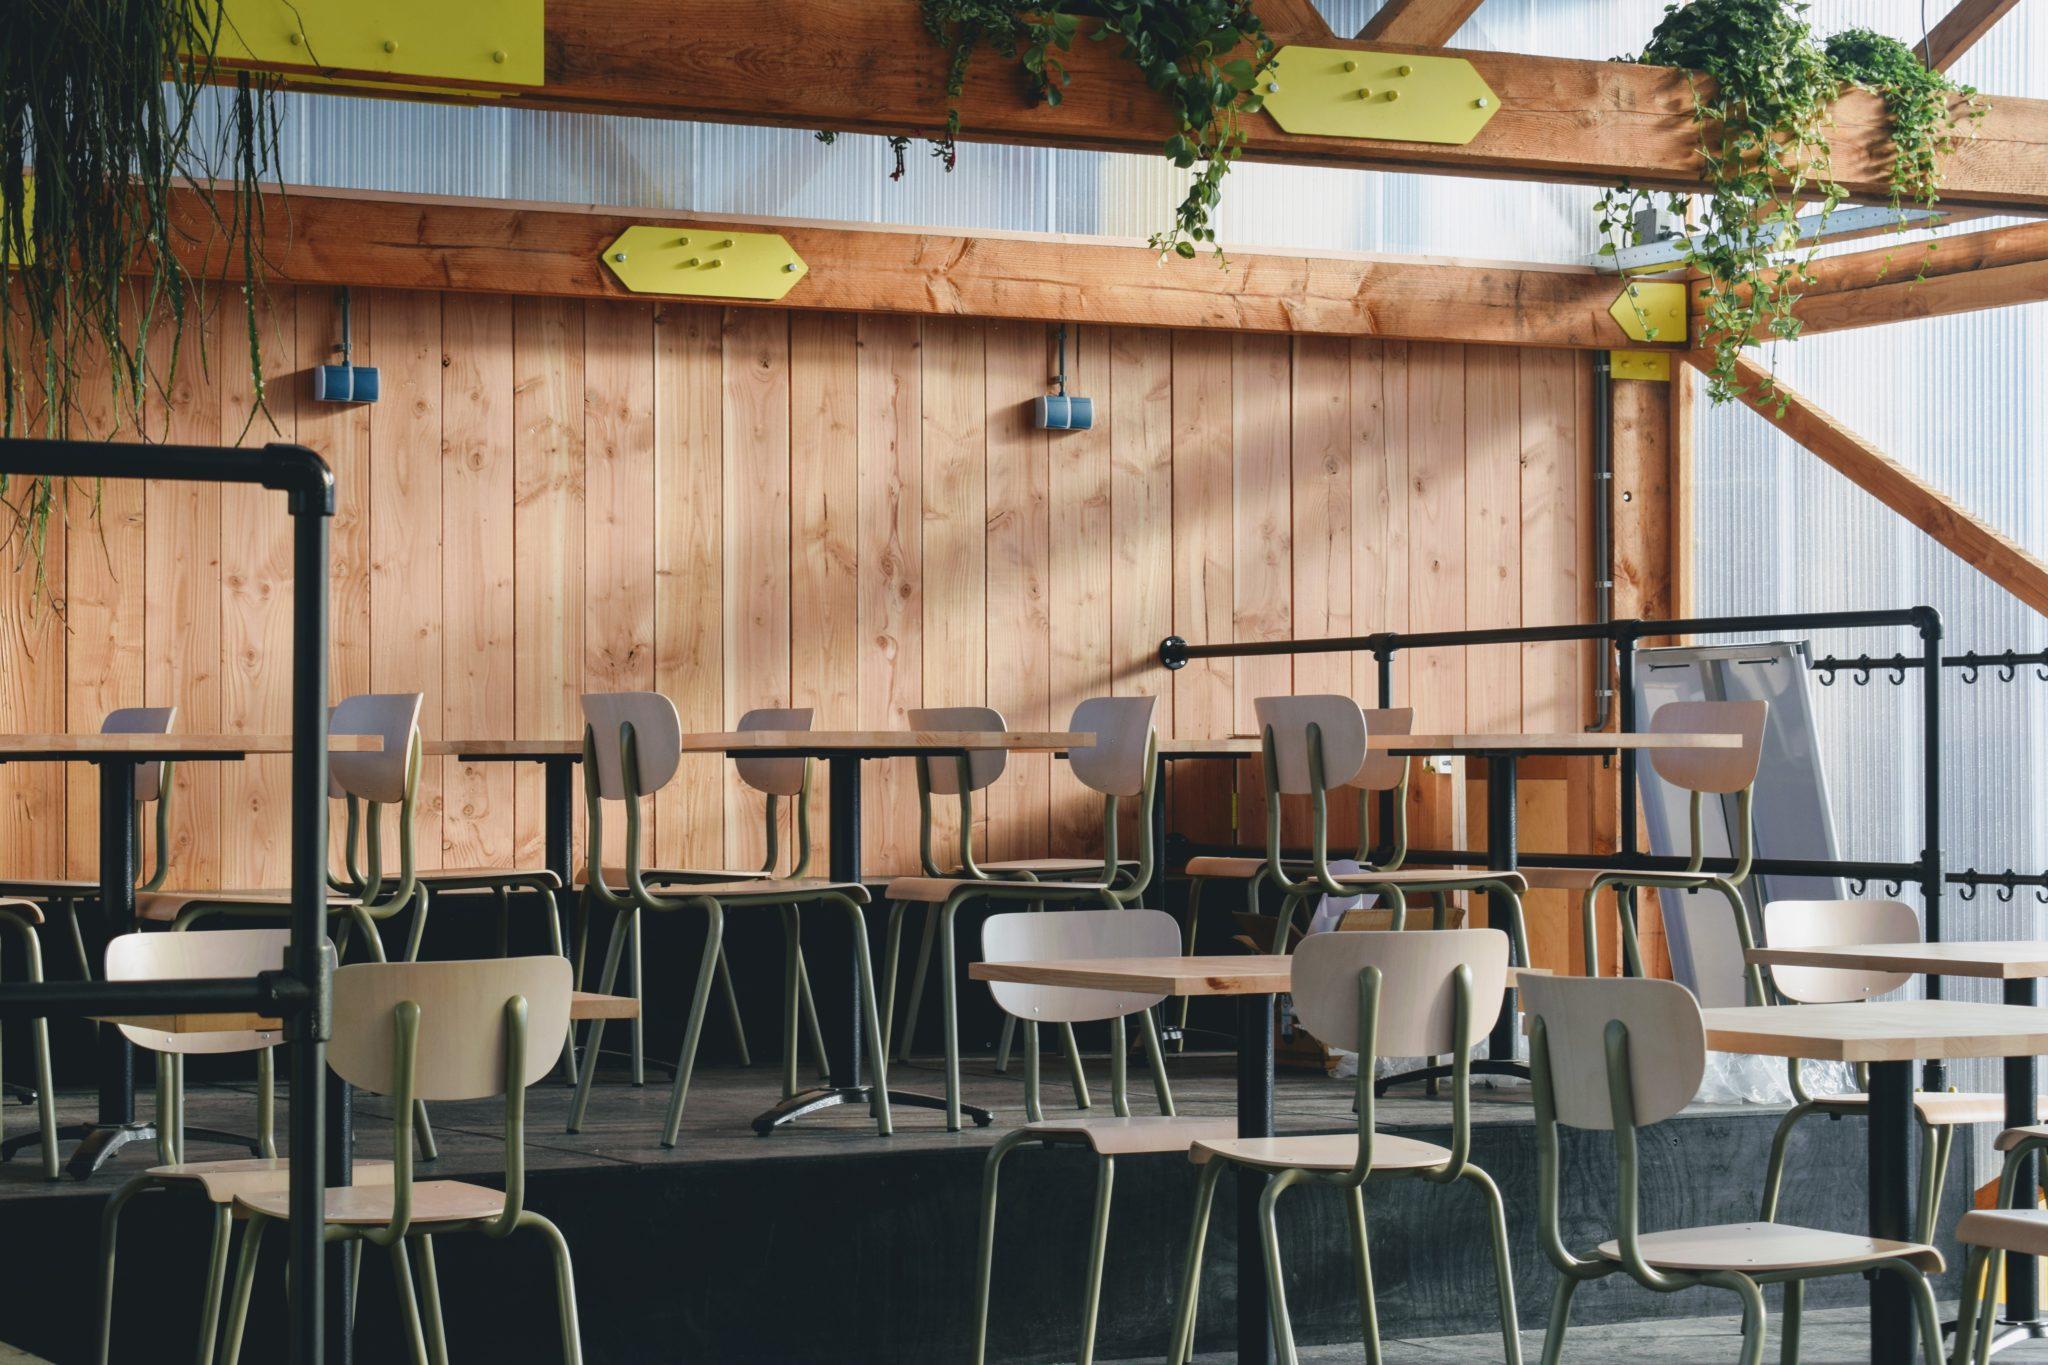 Restaurant Venster Utrecht